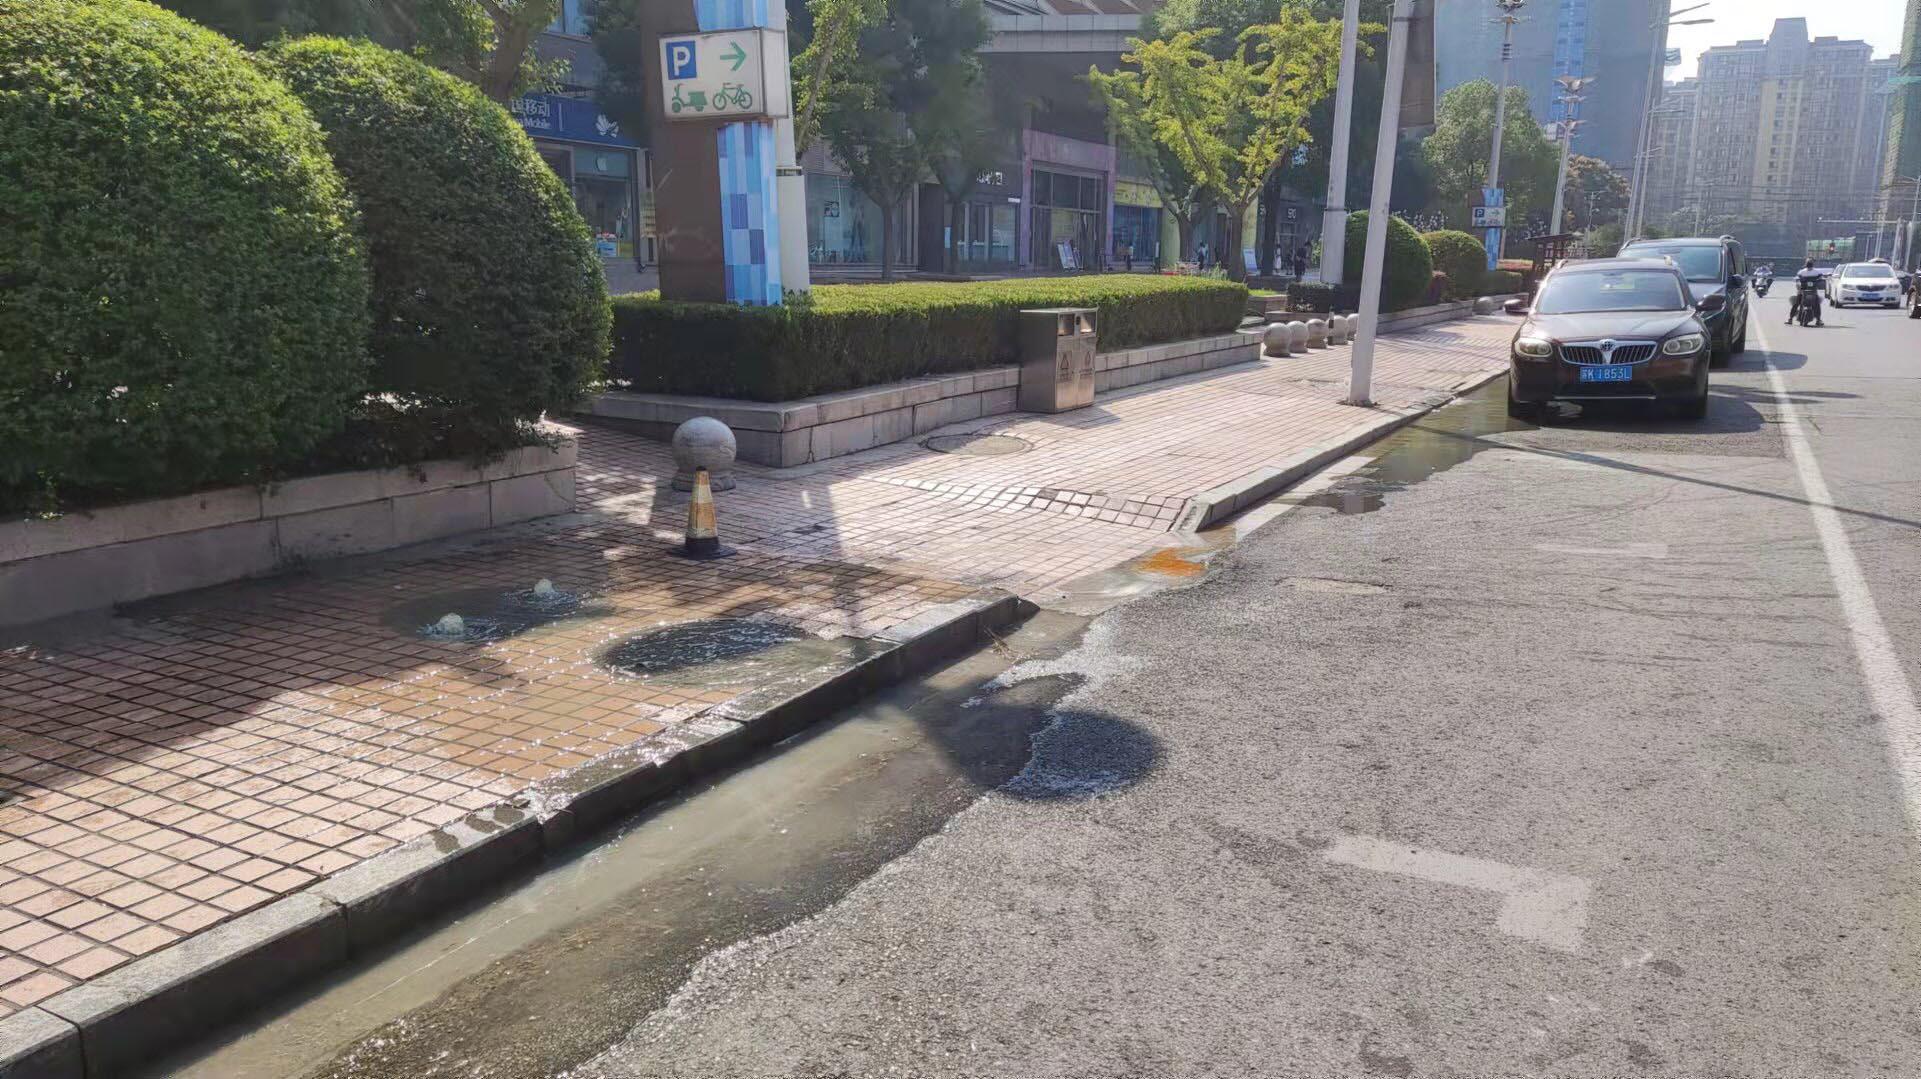 御景路人行道污水漫溢目前已经开始维修